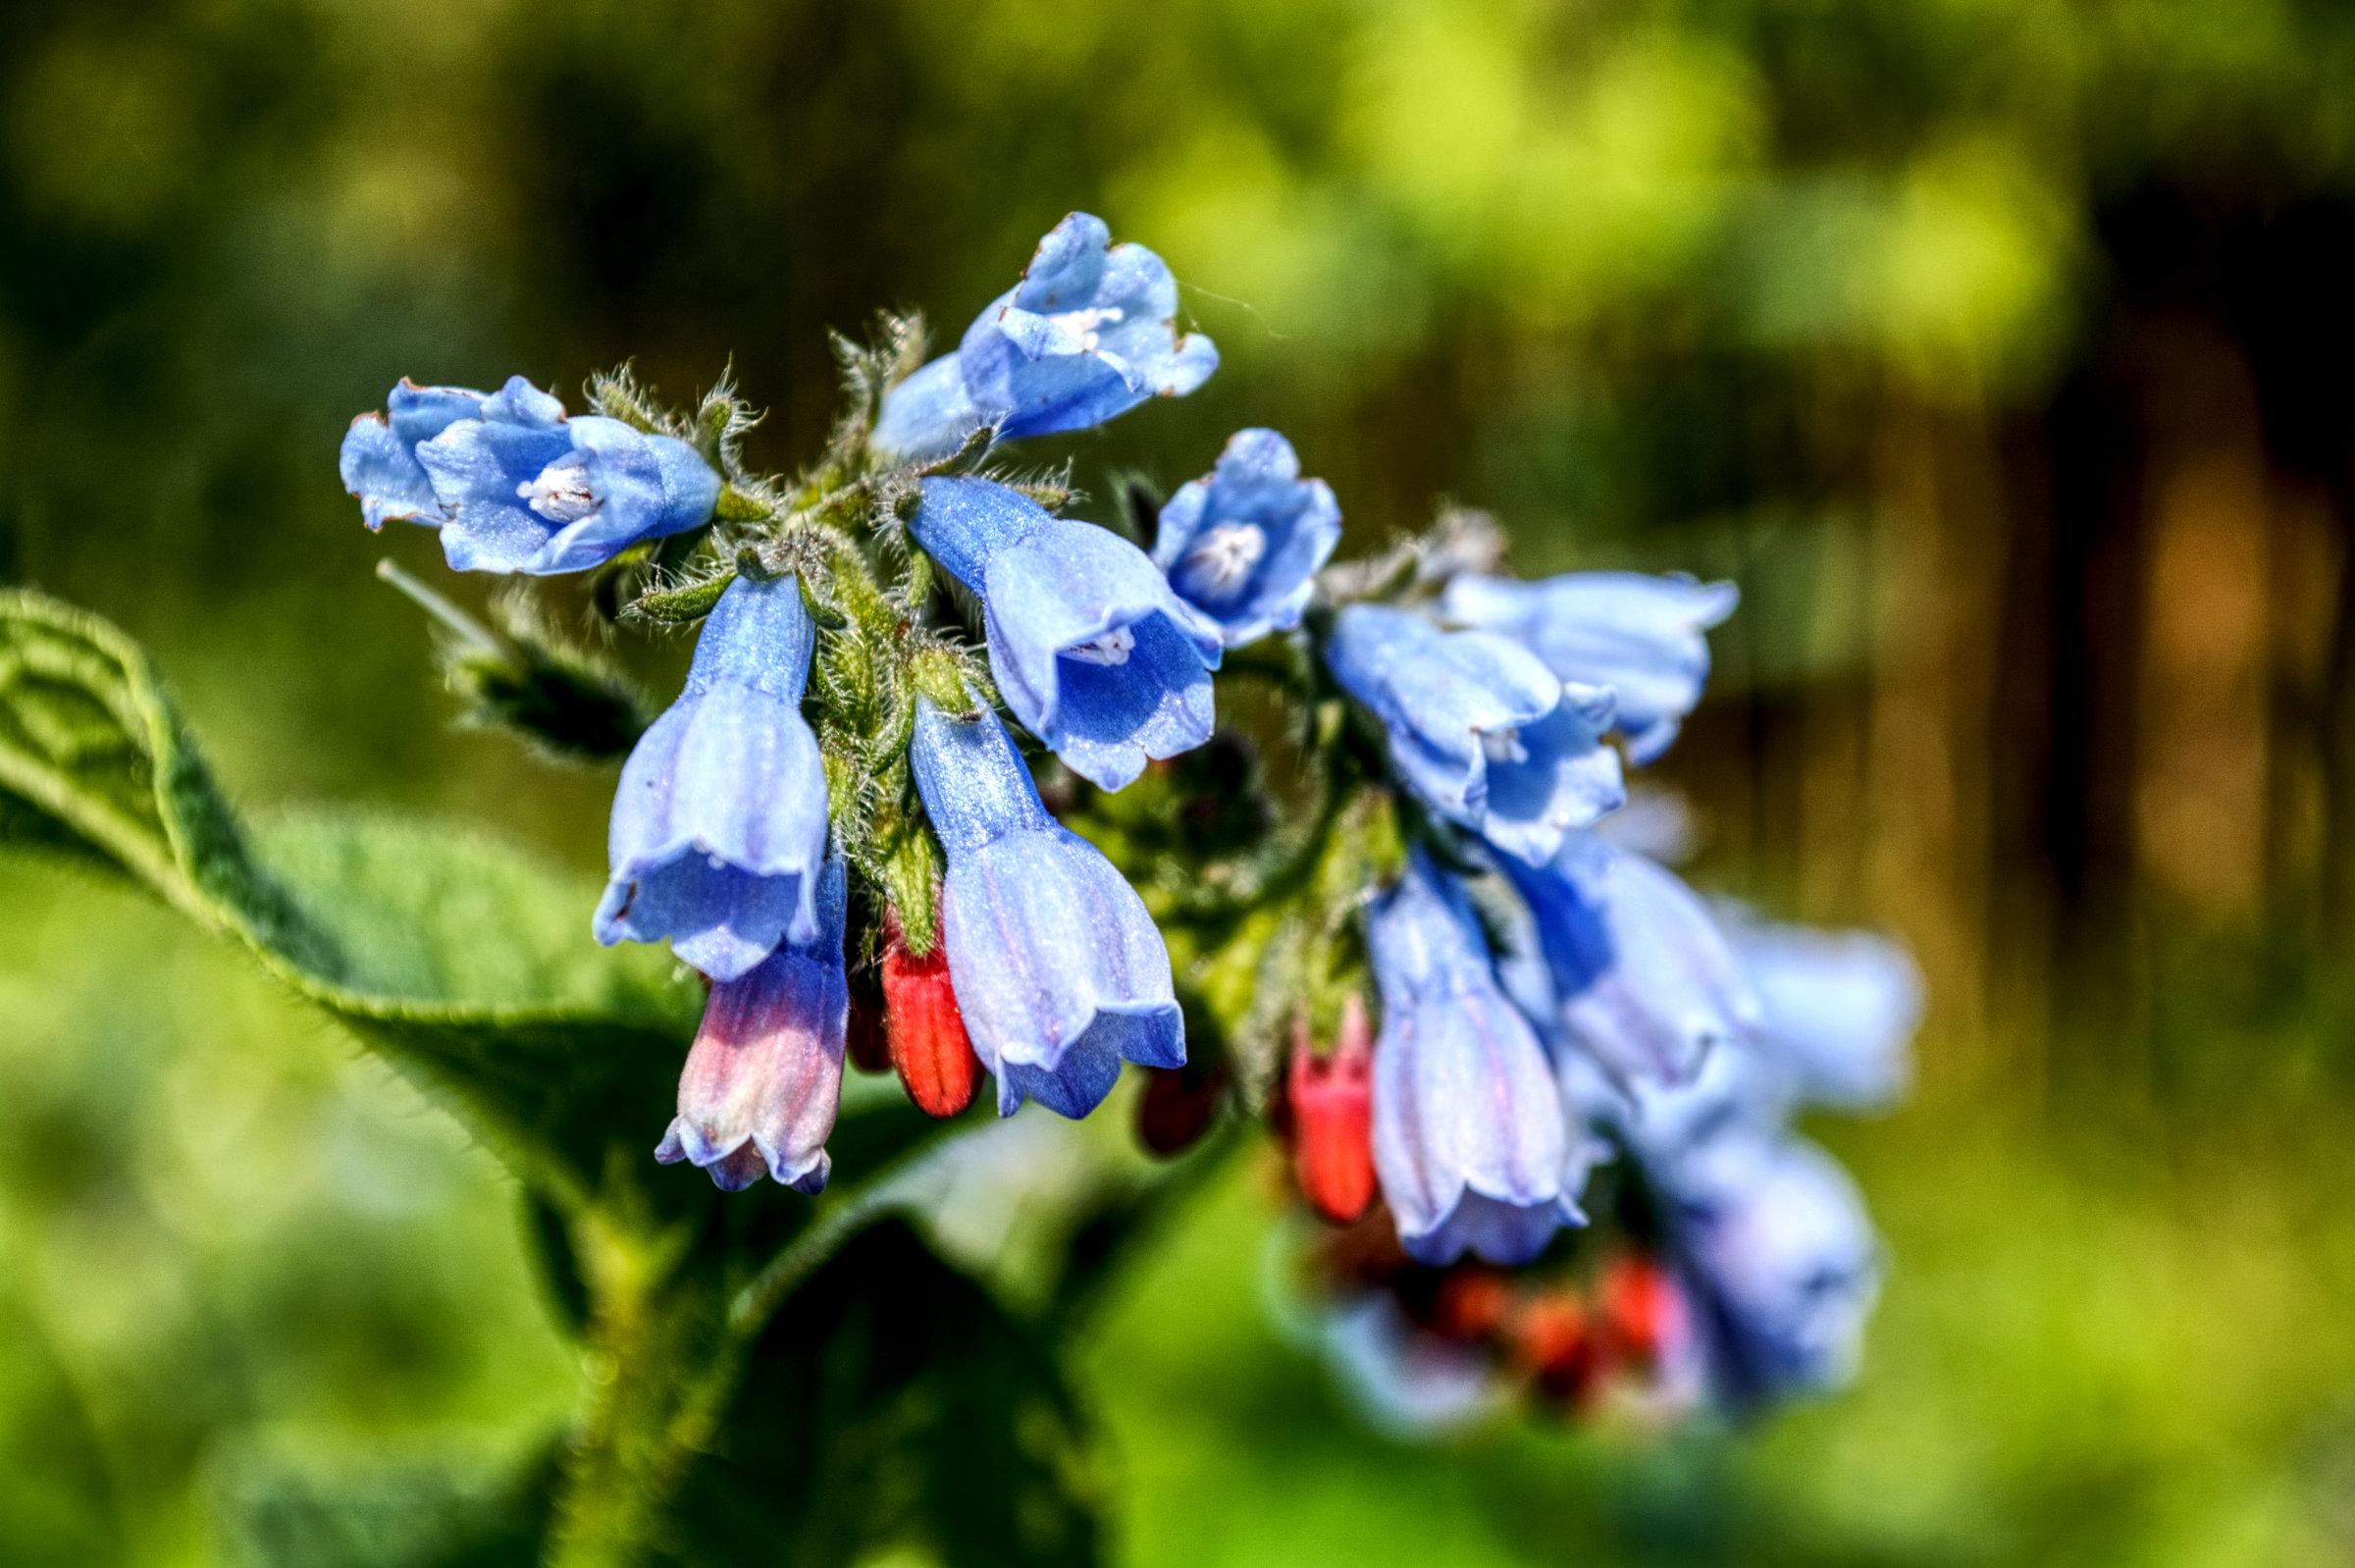 traitements naturels au jardin.......PURIN DE CONSOUDE Consou12